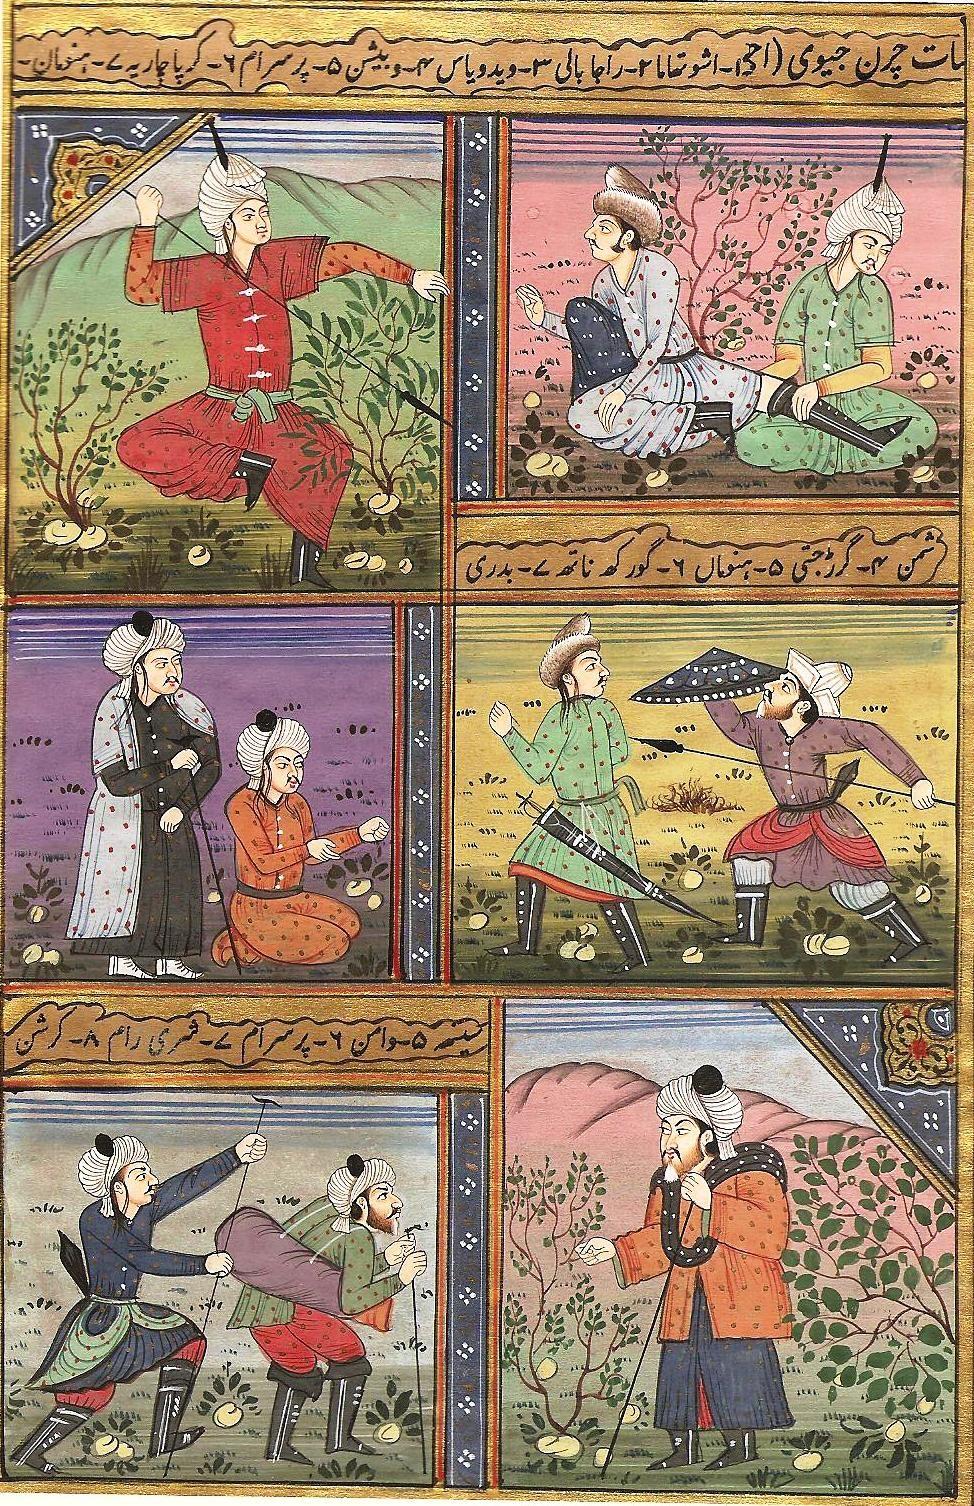 Persian Miniature Painting Handmade Illuminated Manuscript Muslim